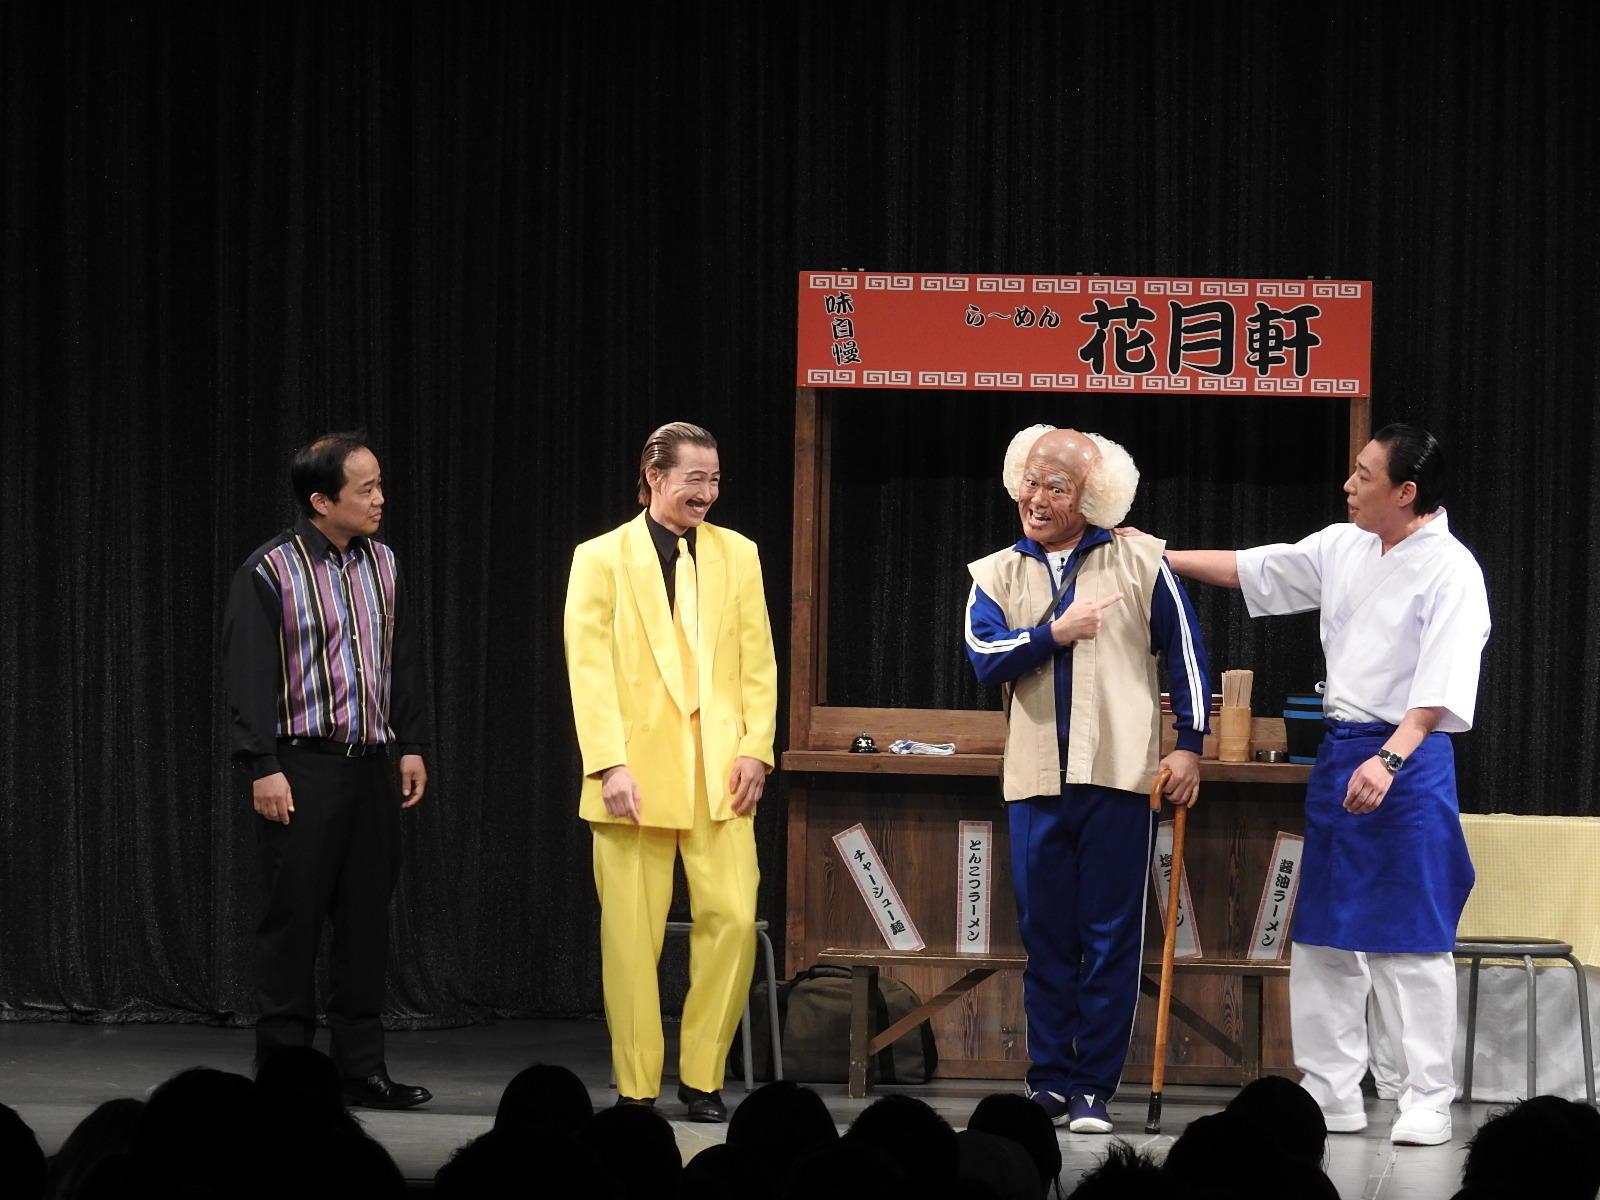 http://news.yoshimoto.co.jp/20171108143209-67ce78dd52f9f4d33c71c072acc0ab4b56c344a7.jpg